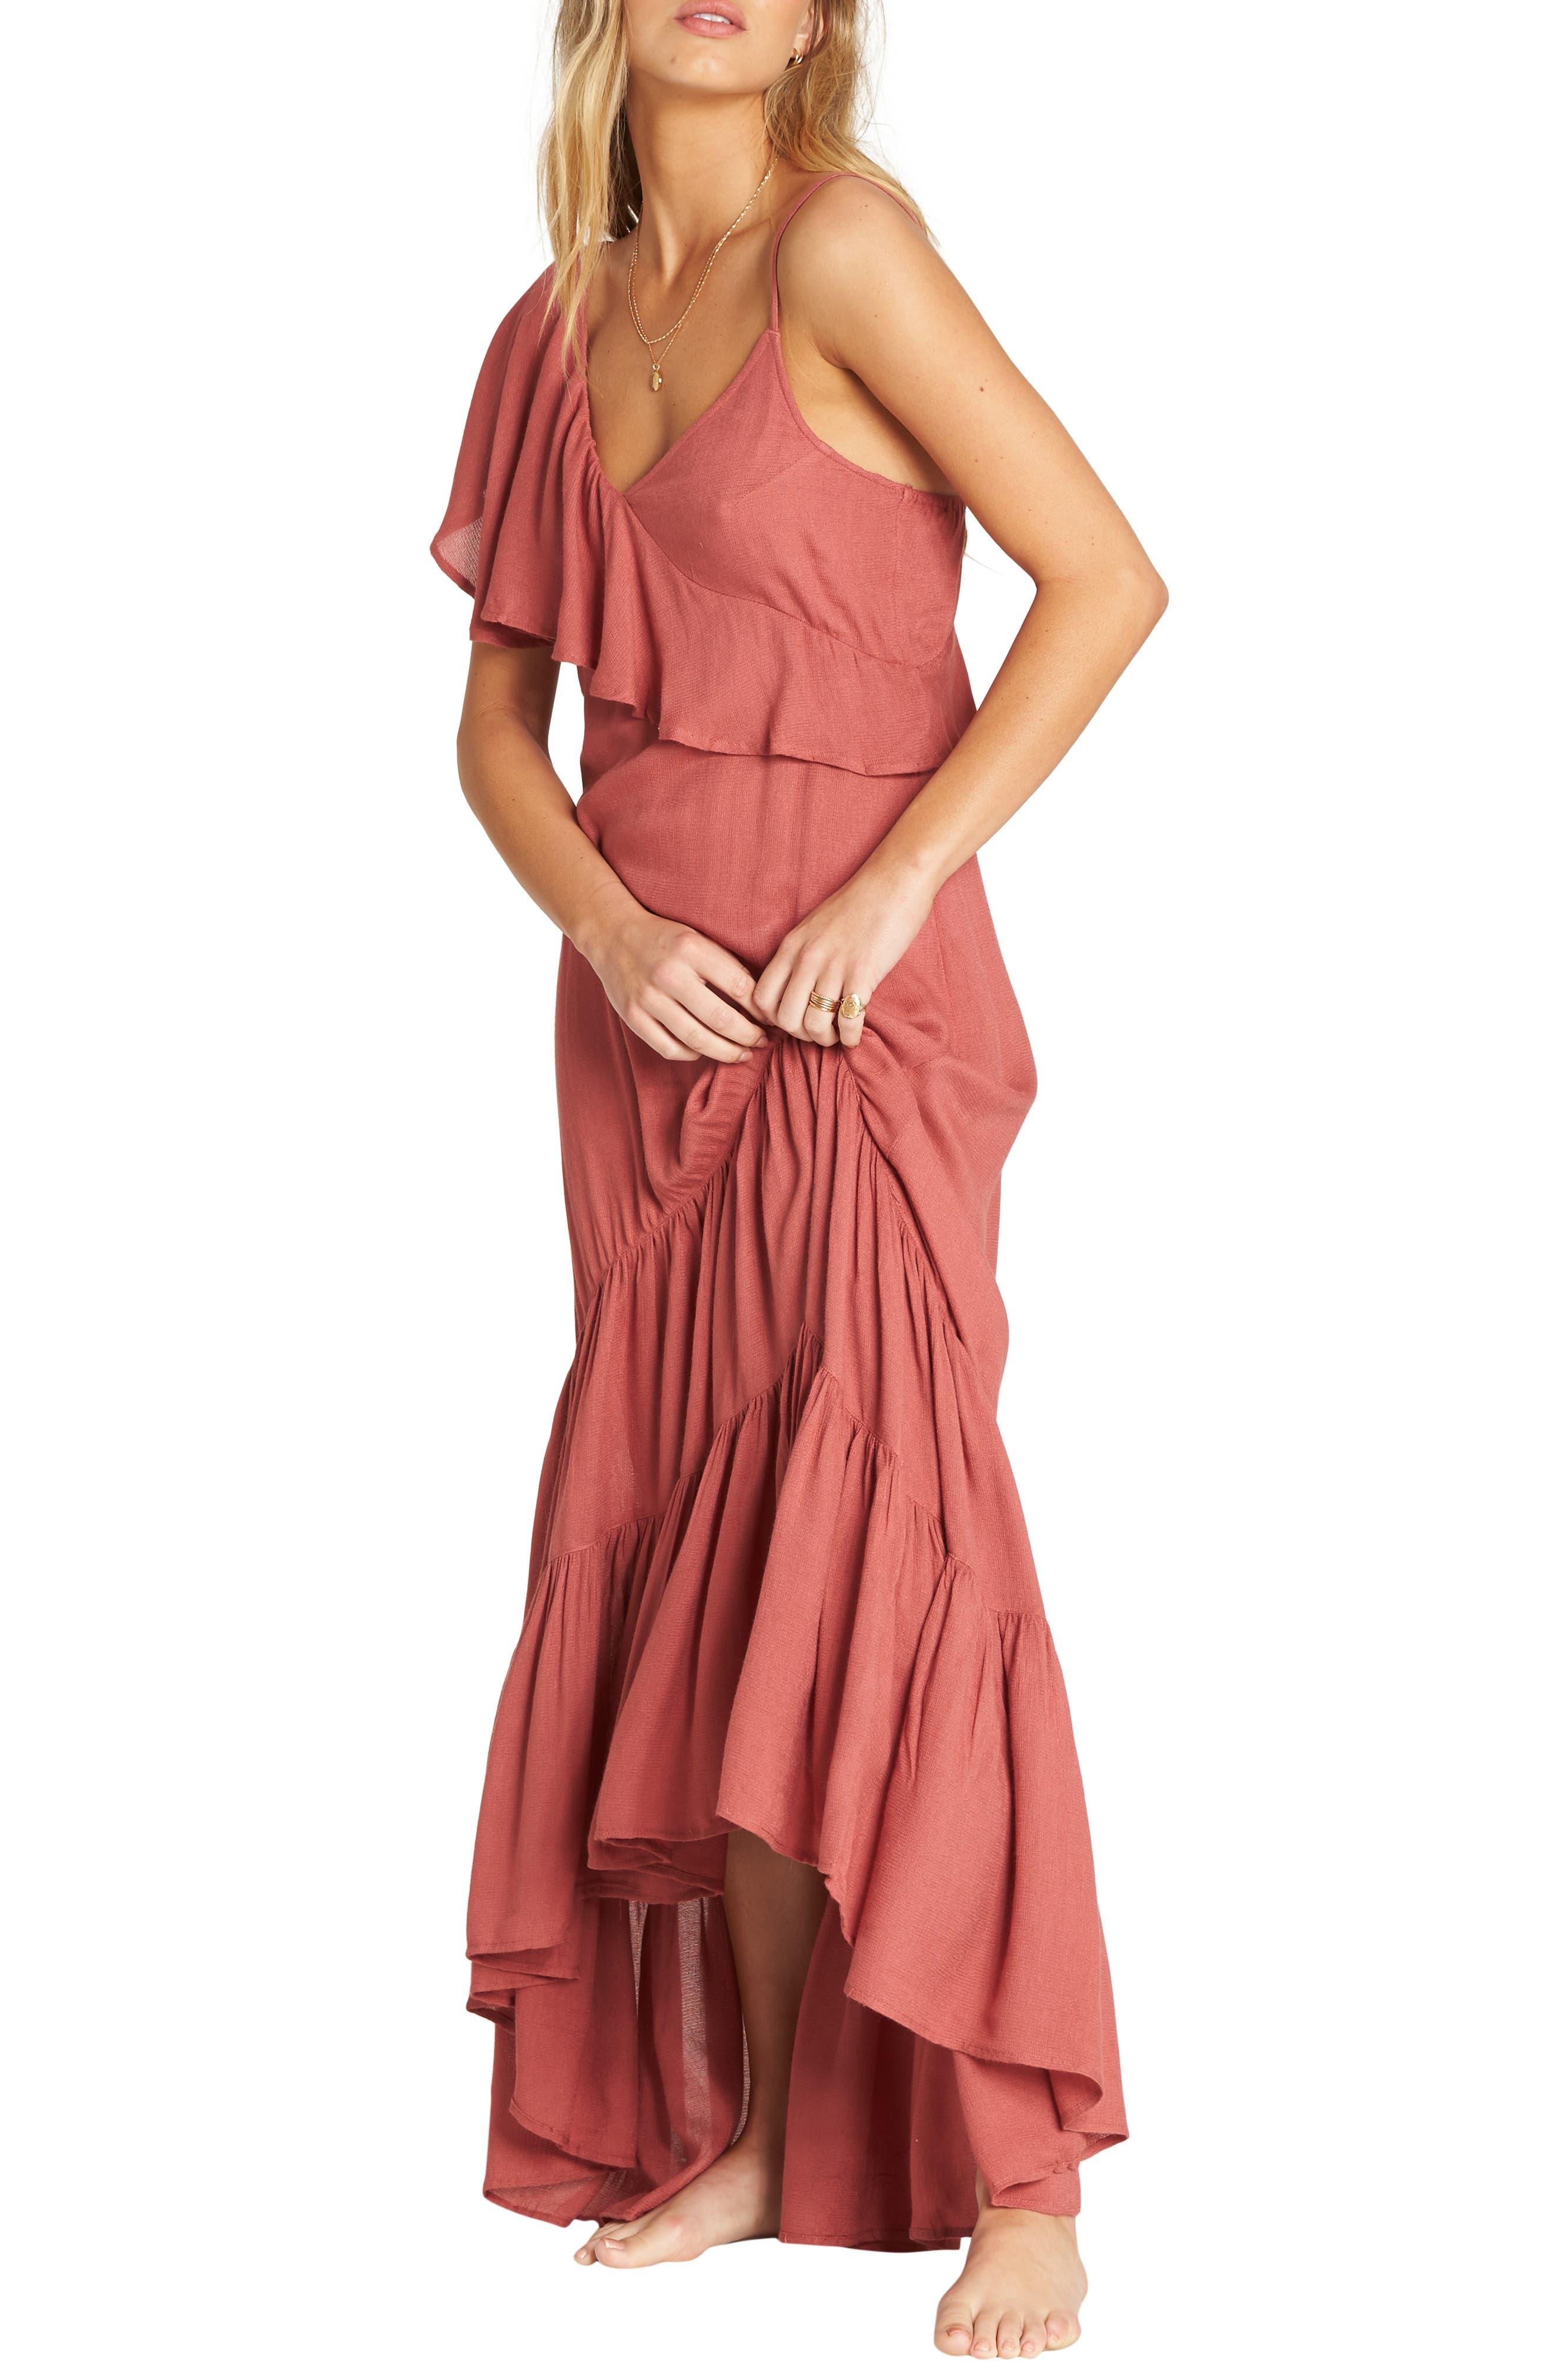 Billabong Kiss To Tell One-Shoulder Maxi Dress, Coral